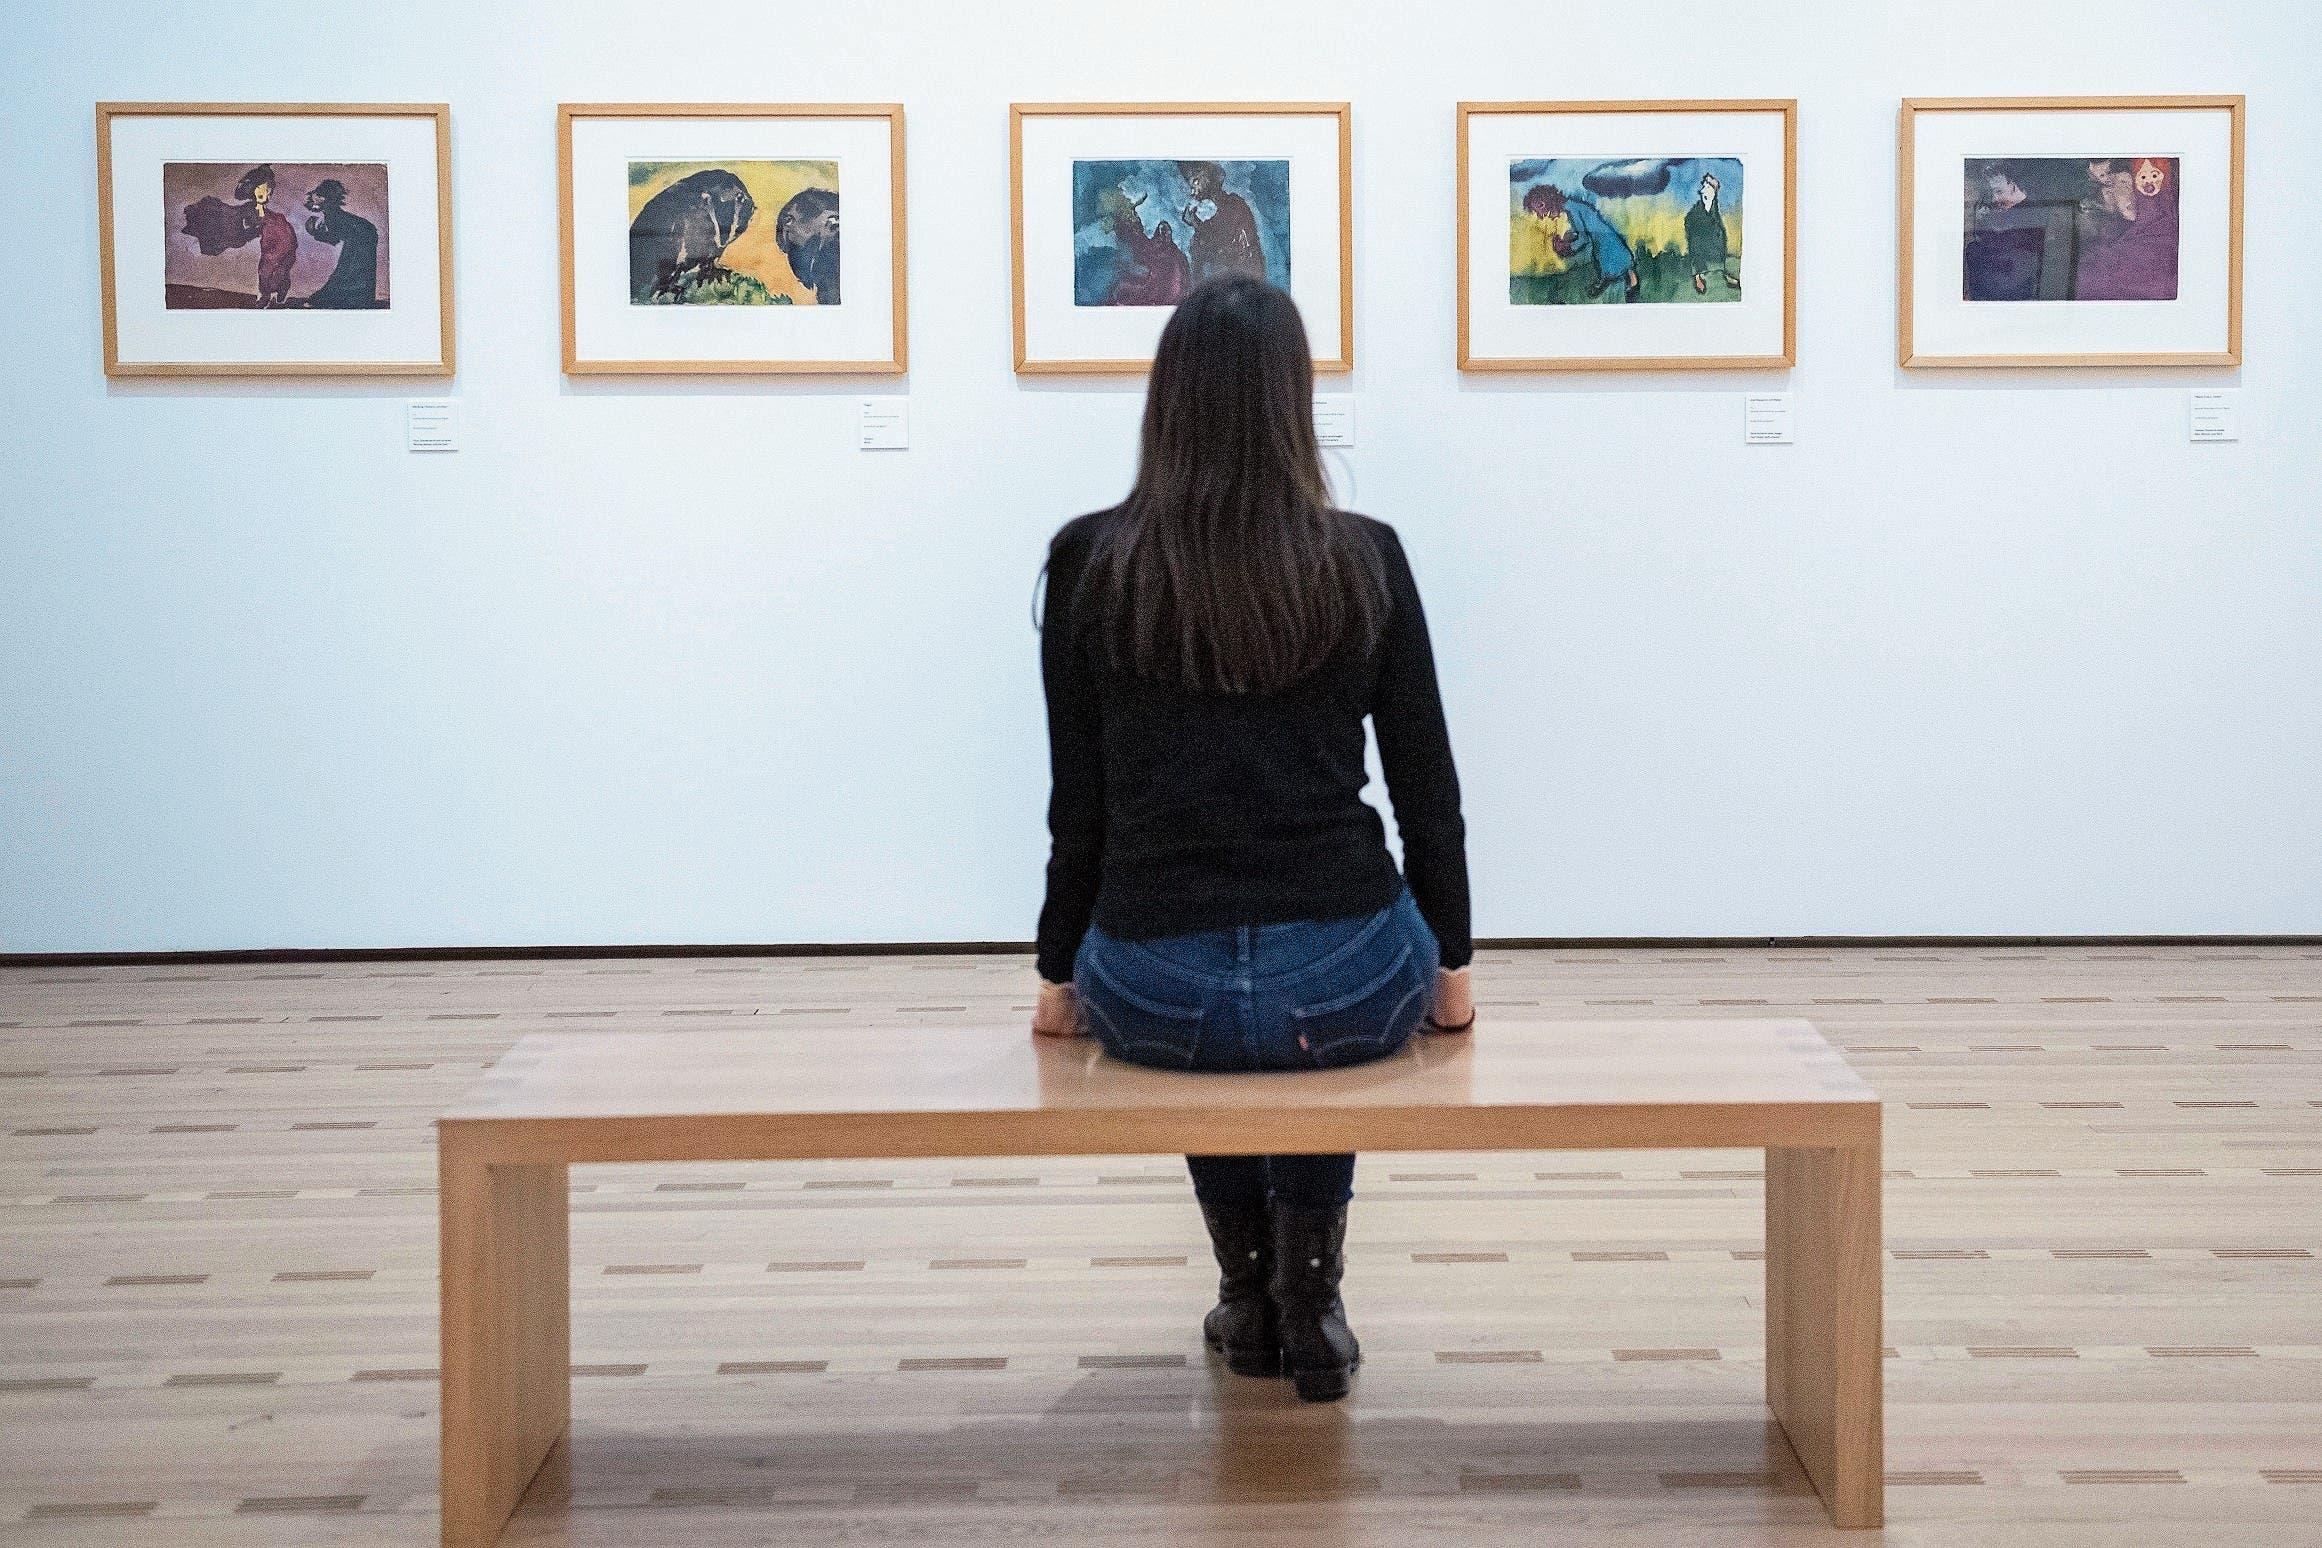 Mehr als 150 Werke, Gemälde und zahlreiche Aquarelle, zeigt das Zentrum Paul Klee. Die meisten stammen aus der Nolde Stiftung in Seebüll. (Bild: Marcel Bieri/KEY)